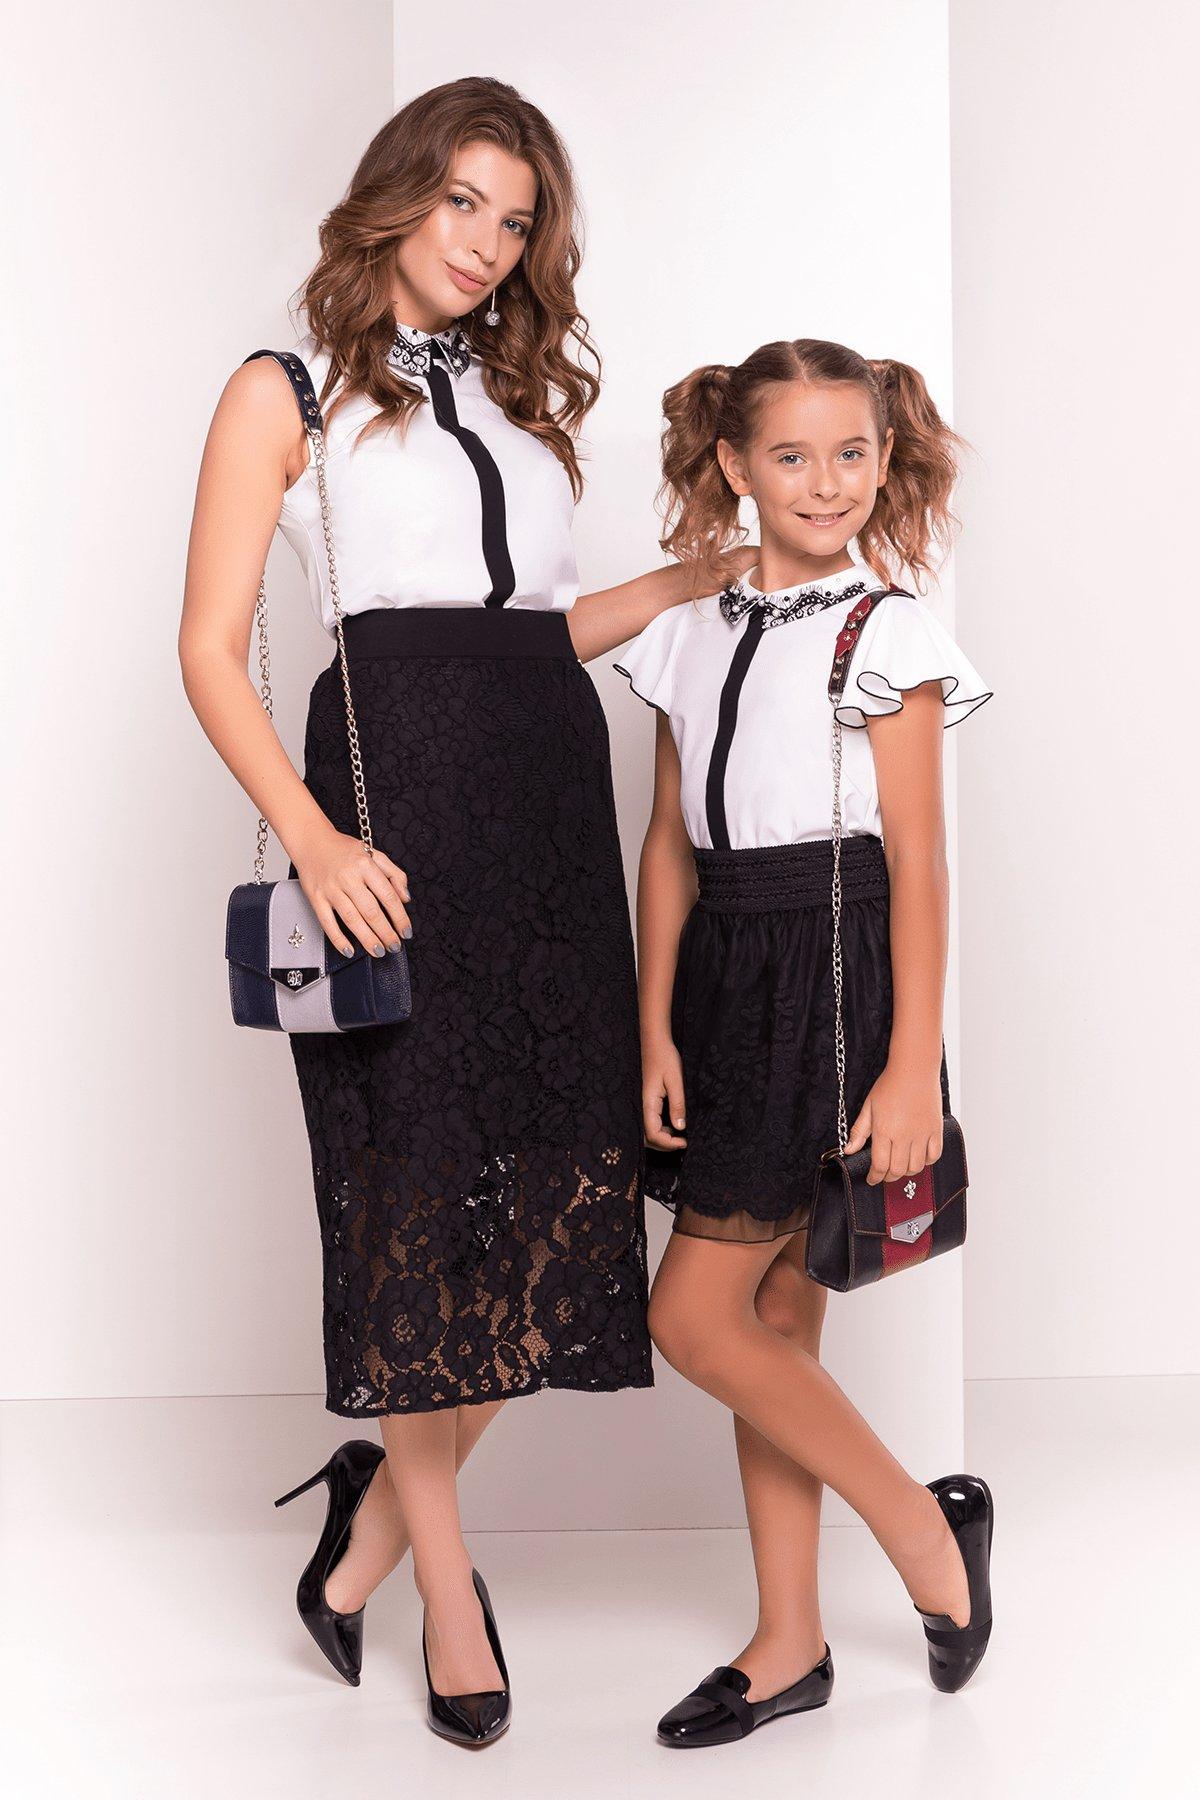 Блузка с вертикальной вставкой Мурия 5220 АРТ. 36304 Цвет: Белый - фото 2, интернет магазин tm-modus.ru